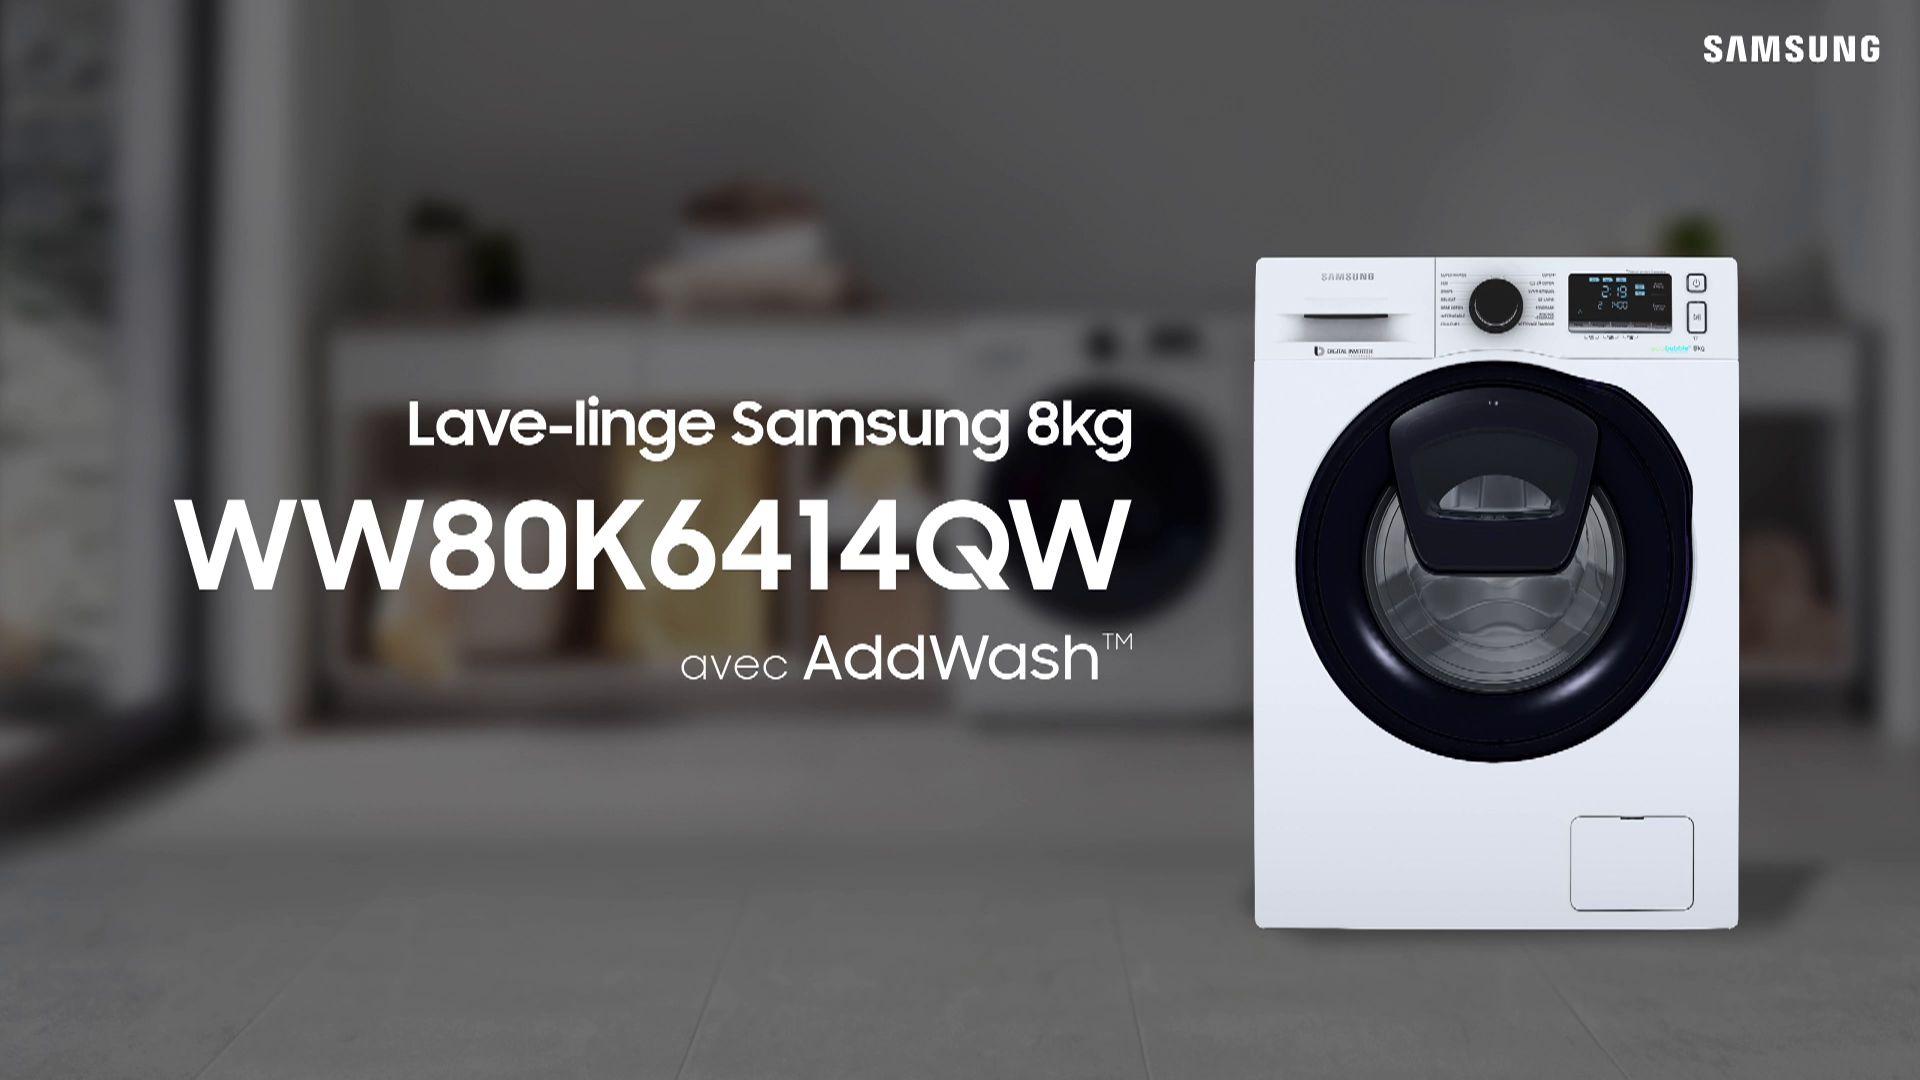 Samsung Add Wash Ww80k6414qw Lave Linge Hublot Boulanger